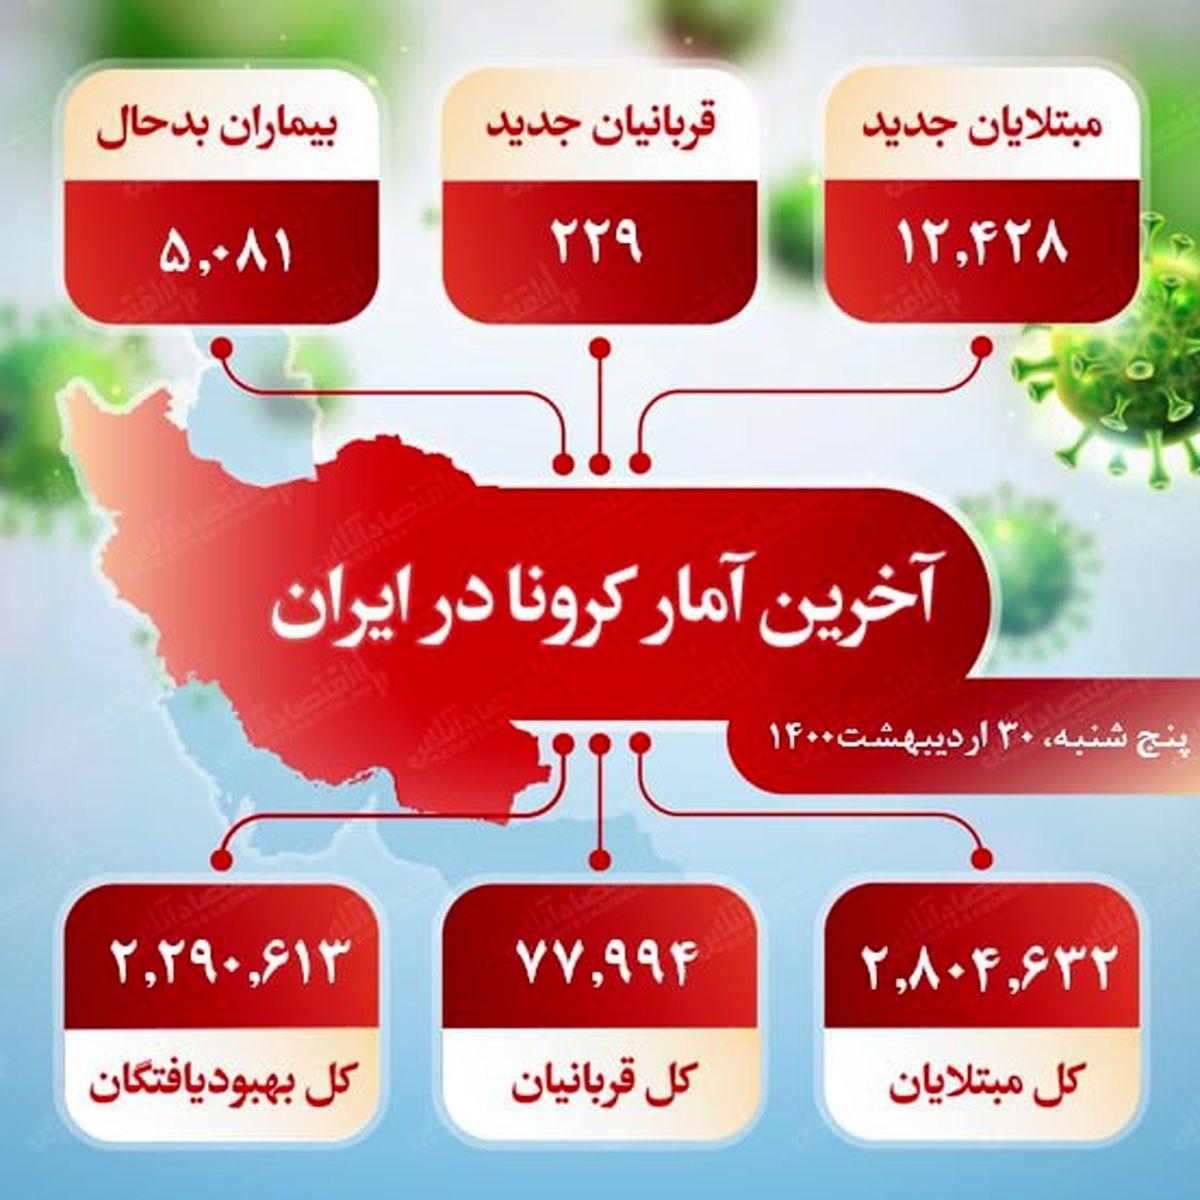 آخرین آمار کرونا در ایران (۱۴۰۰/۲/۳۰)